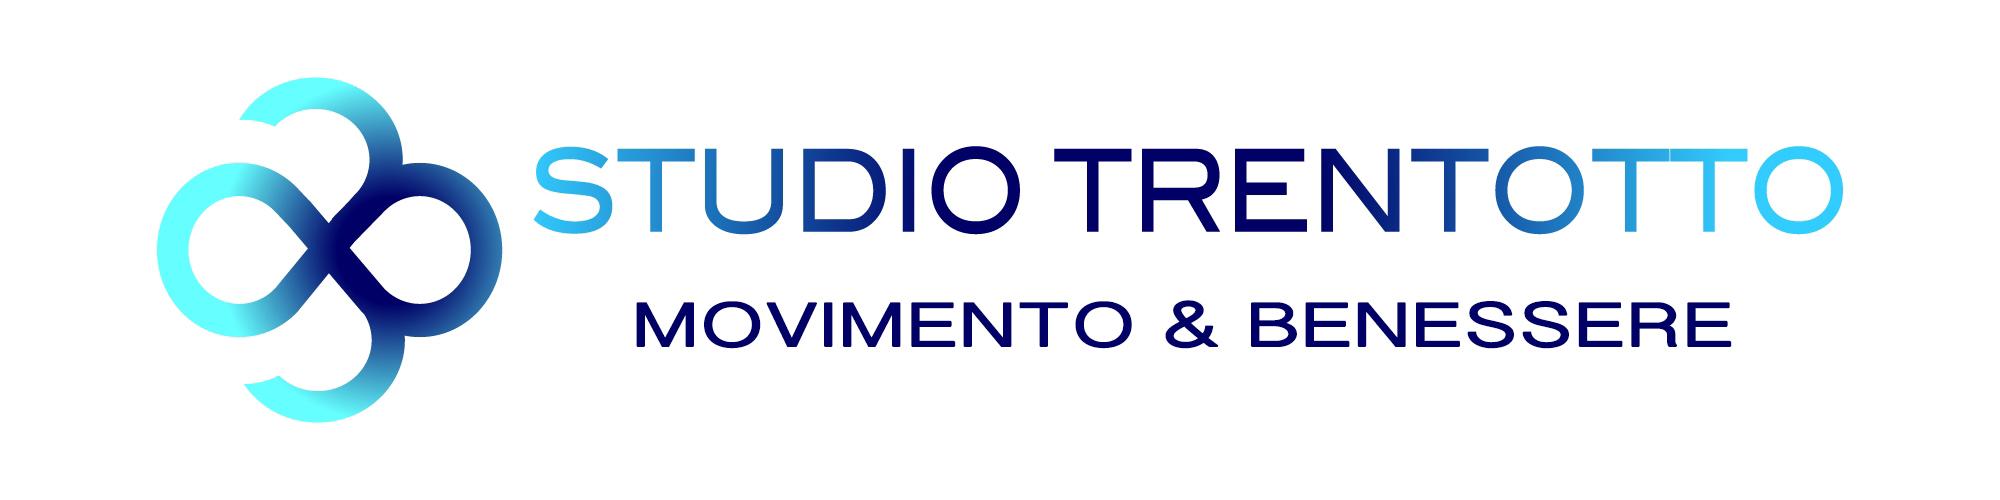 Studio 38